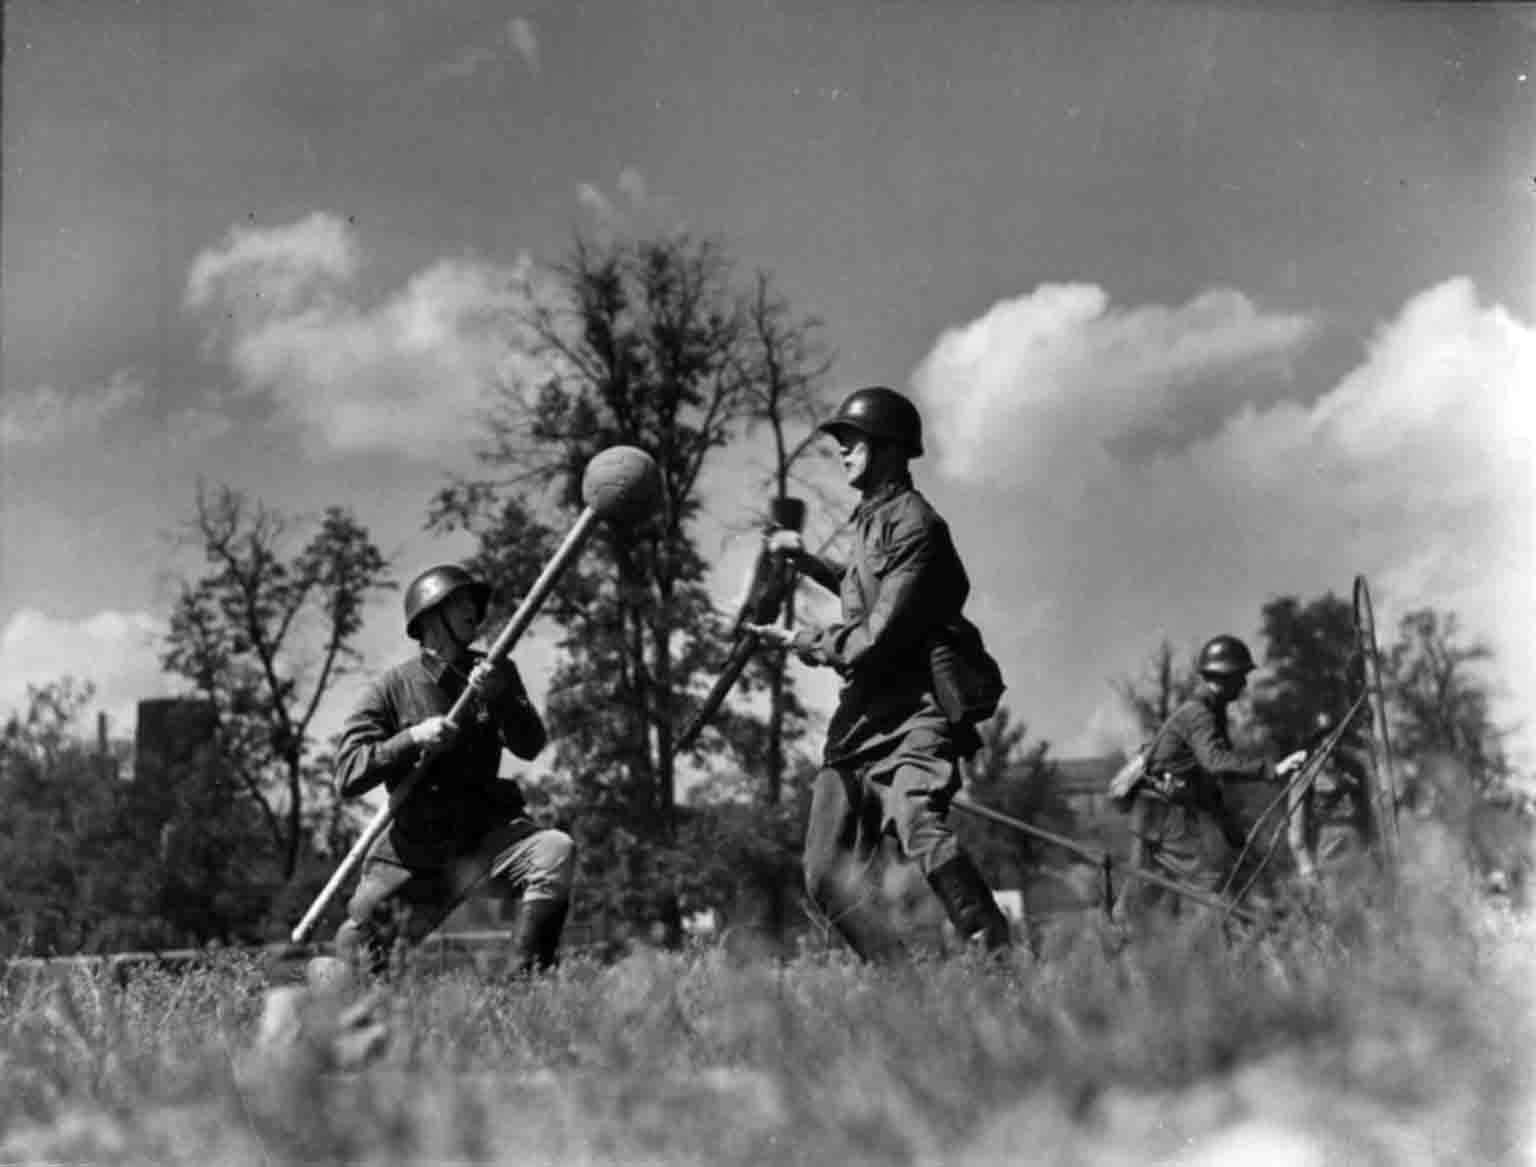 World War 2: the bayonet attack